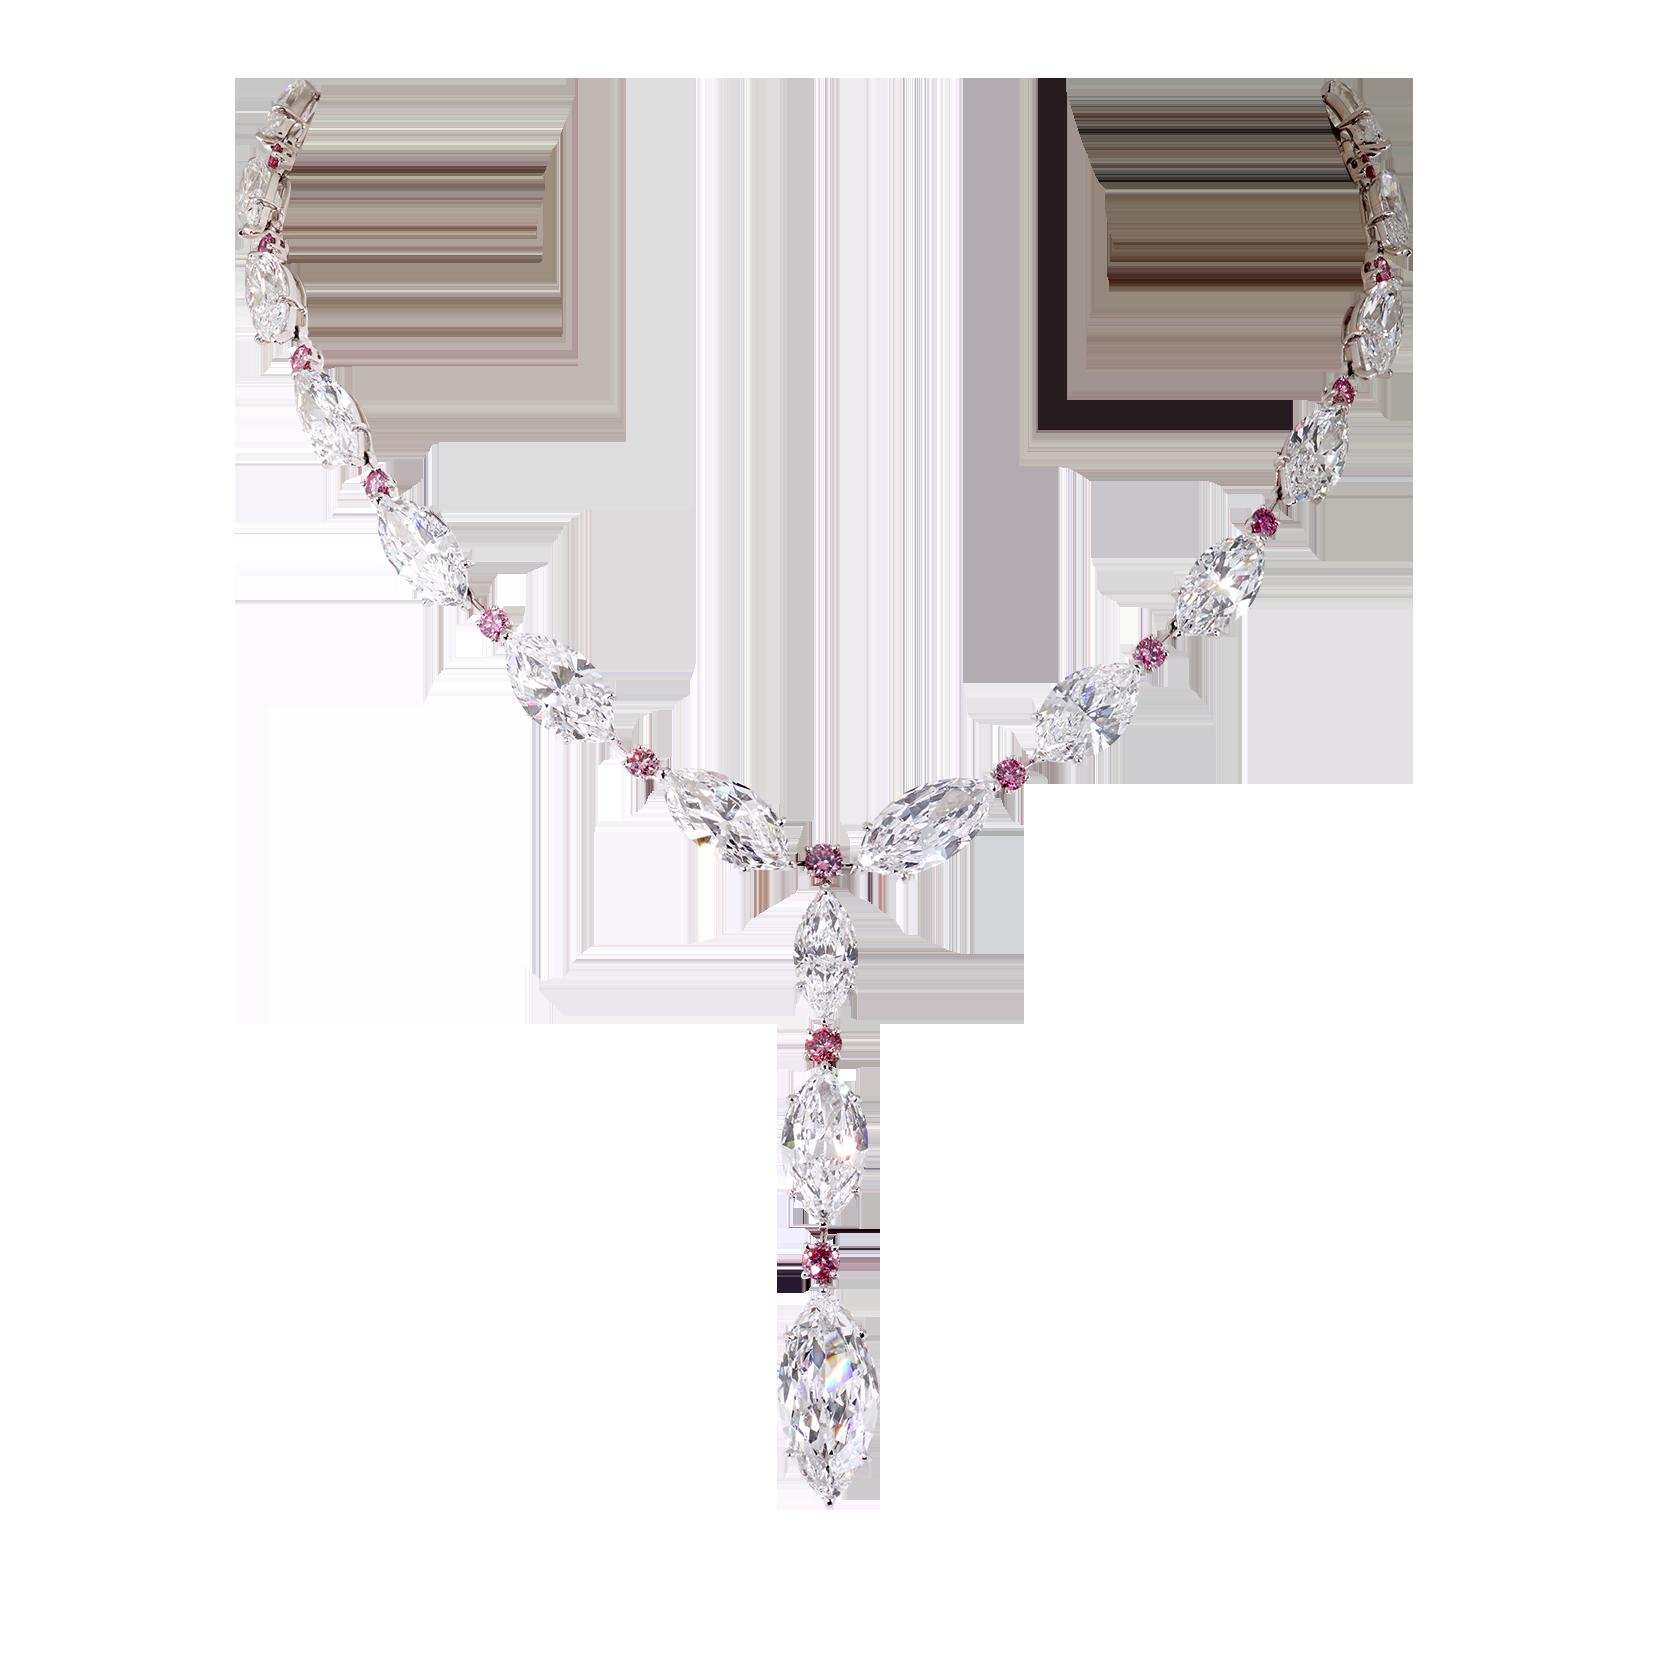 Gem clipart ruby necklace. Luxury necklaces diamond moussaieff